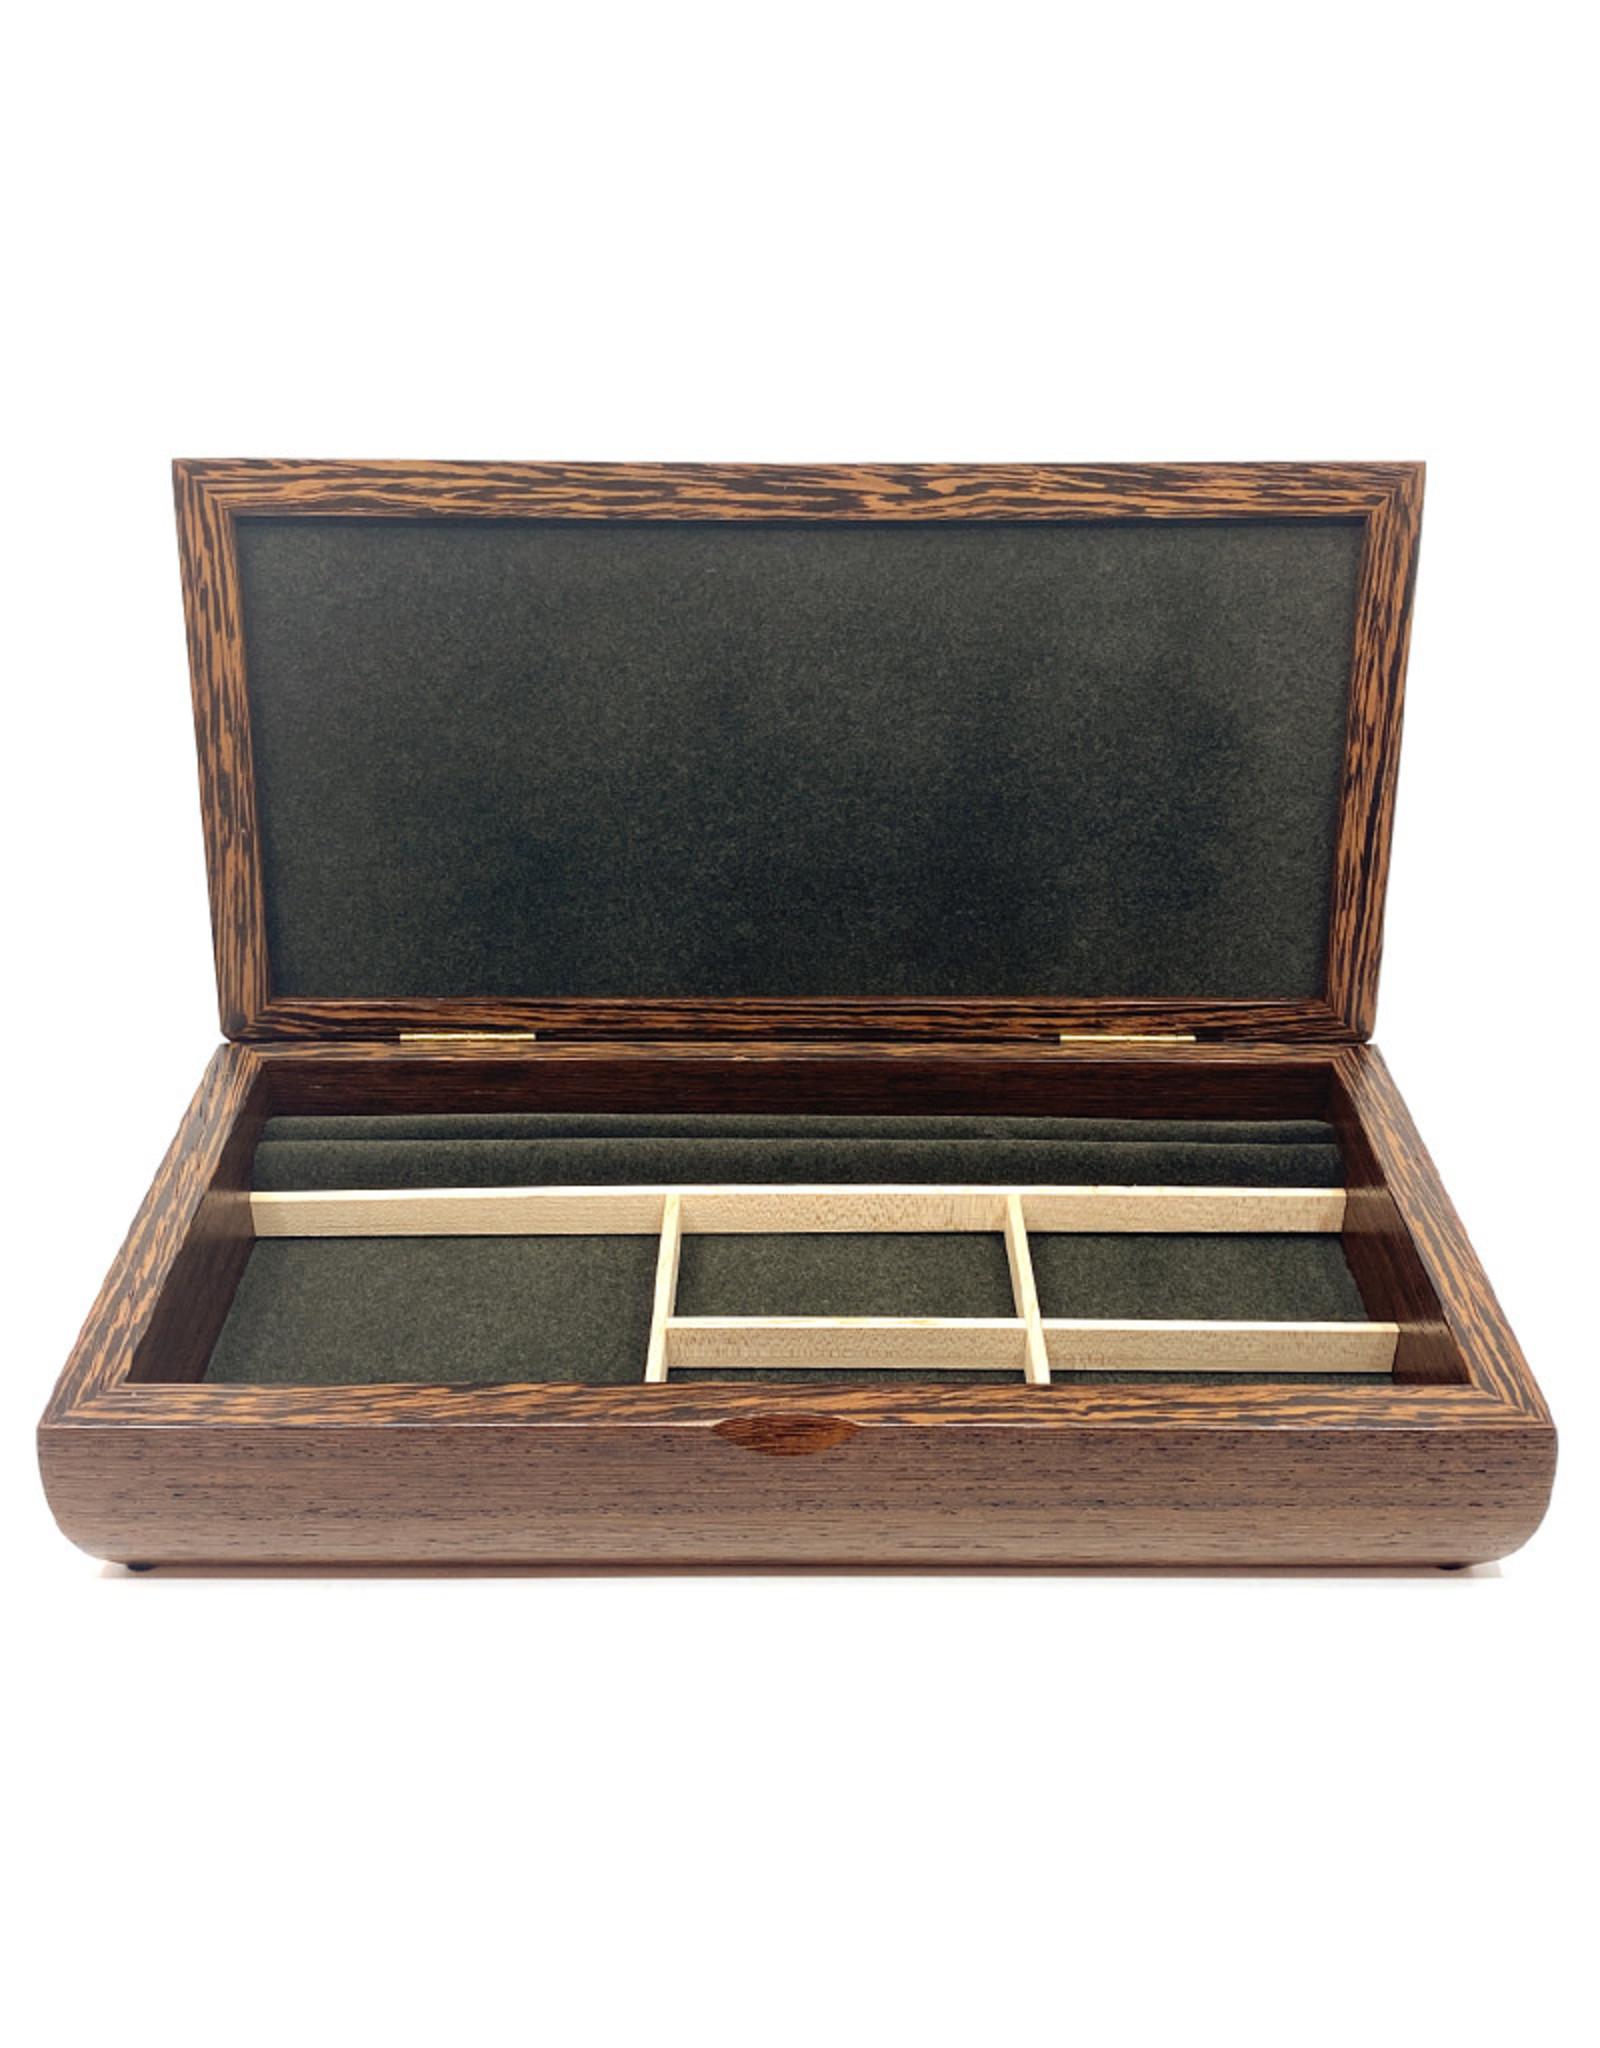 MIKUTOWSKI WOODWORKING ZEBRAWOOD & WENGE VALET BOX